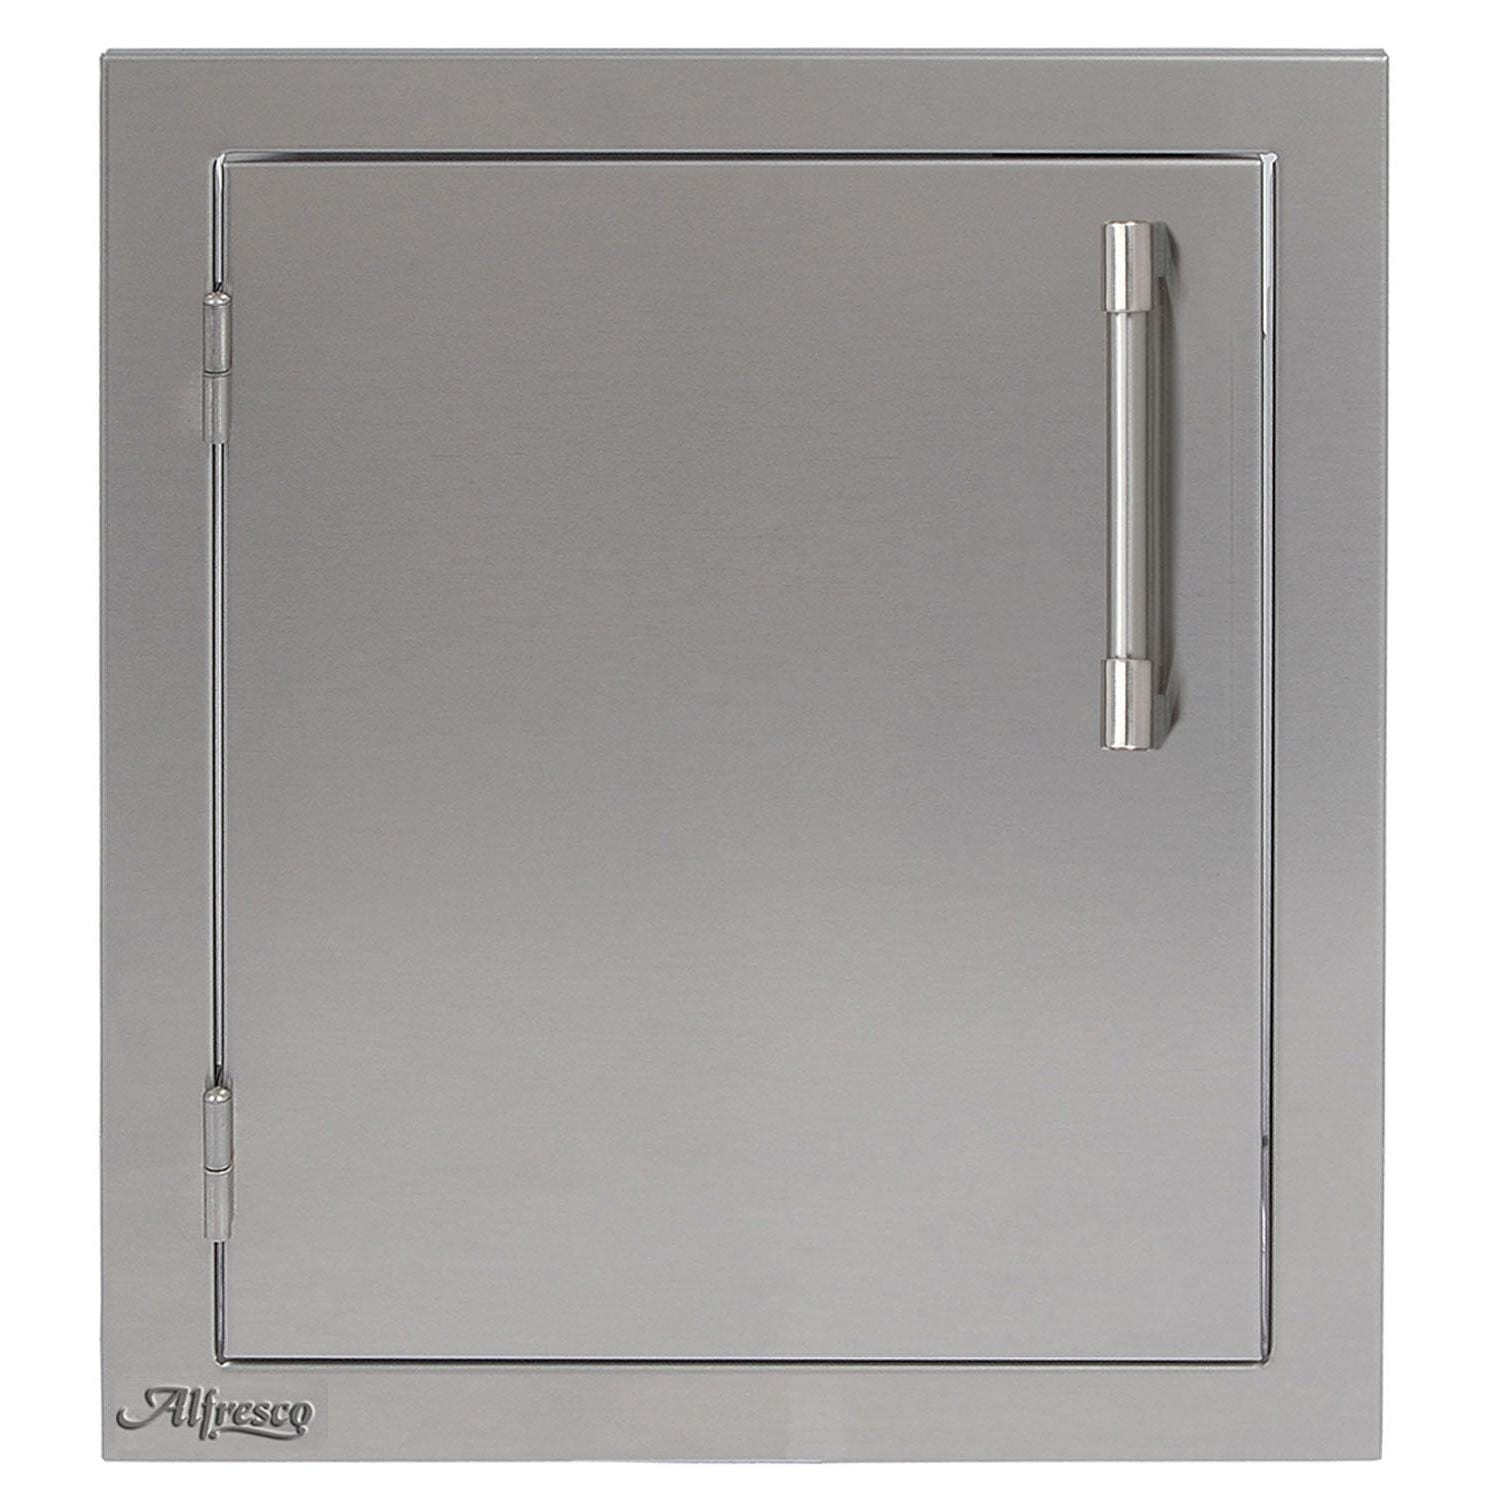 Alfresco 17-Inch Access Door